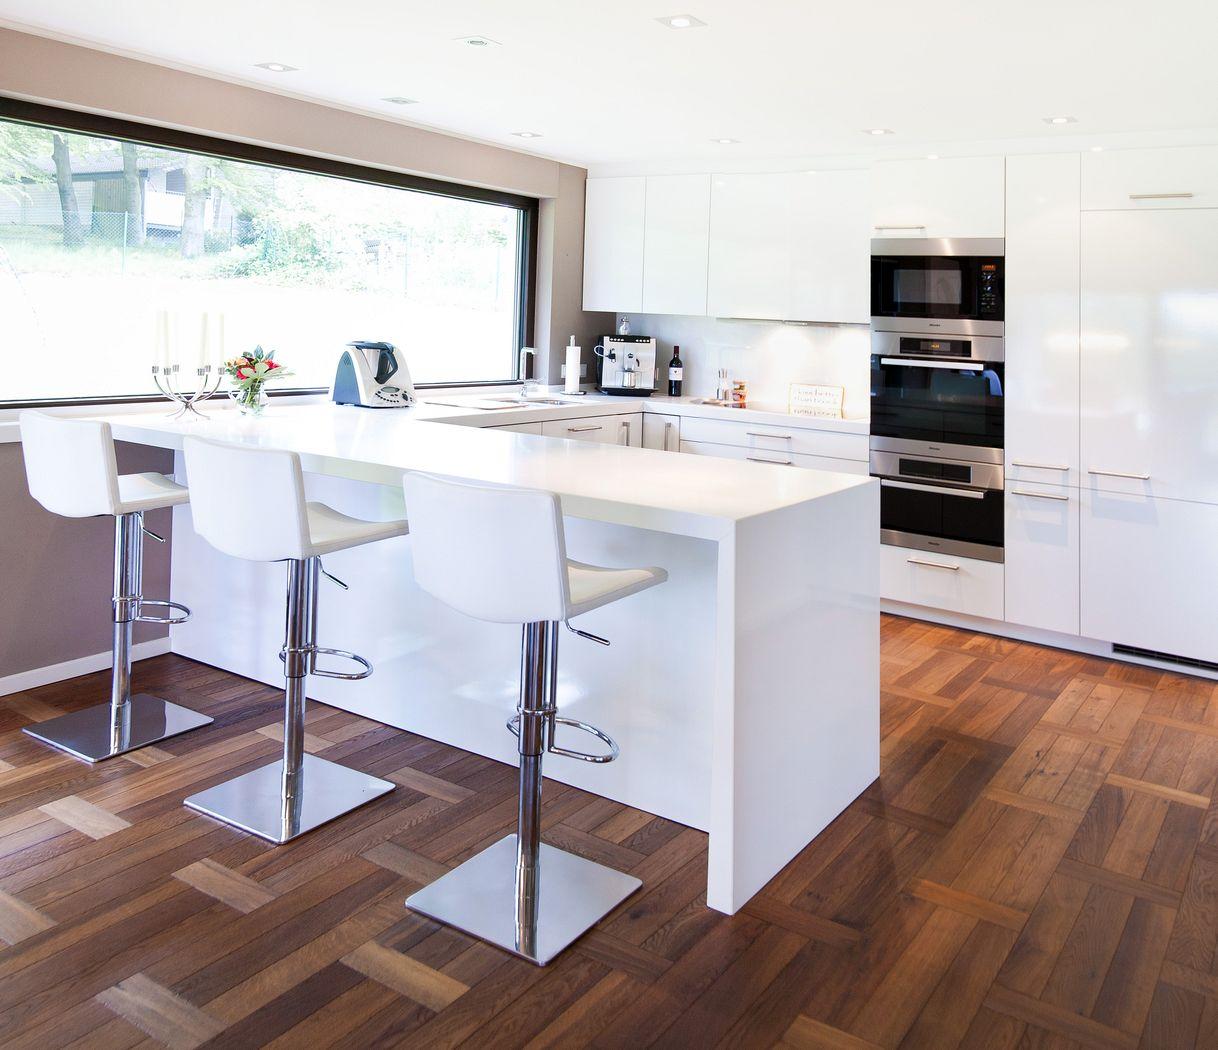 Weiße küche hochglanz   aol bildersuche   ergebnisse